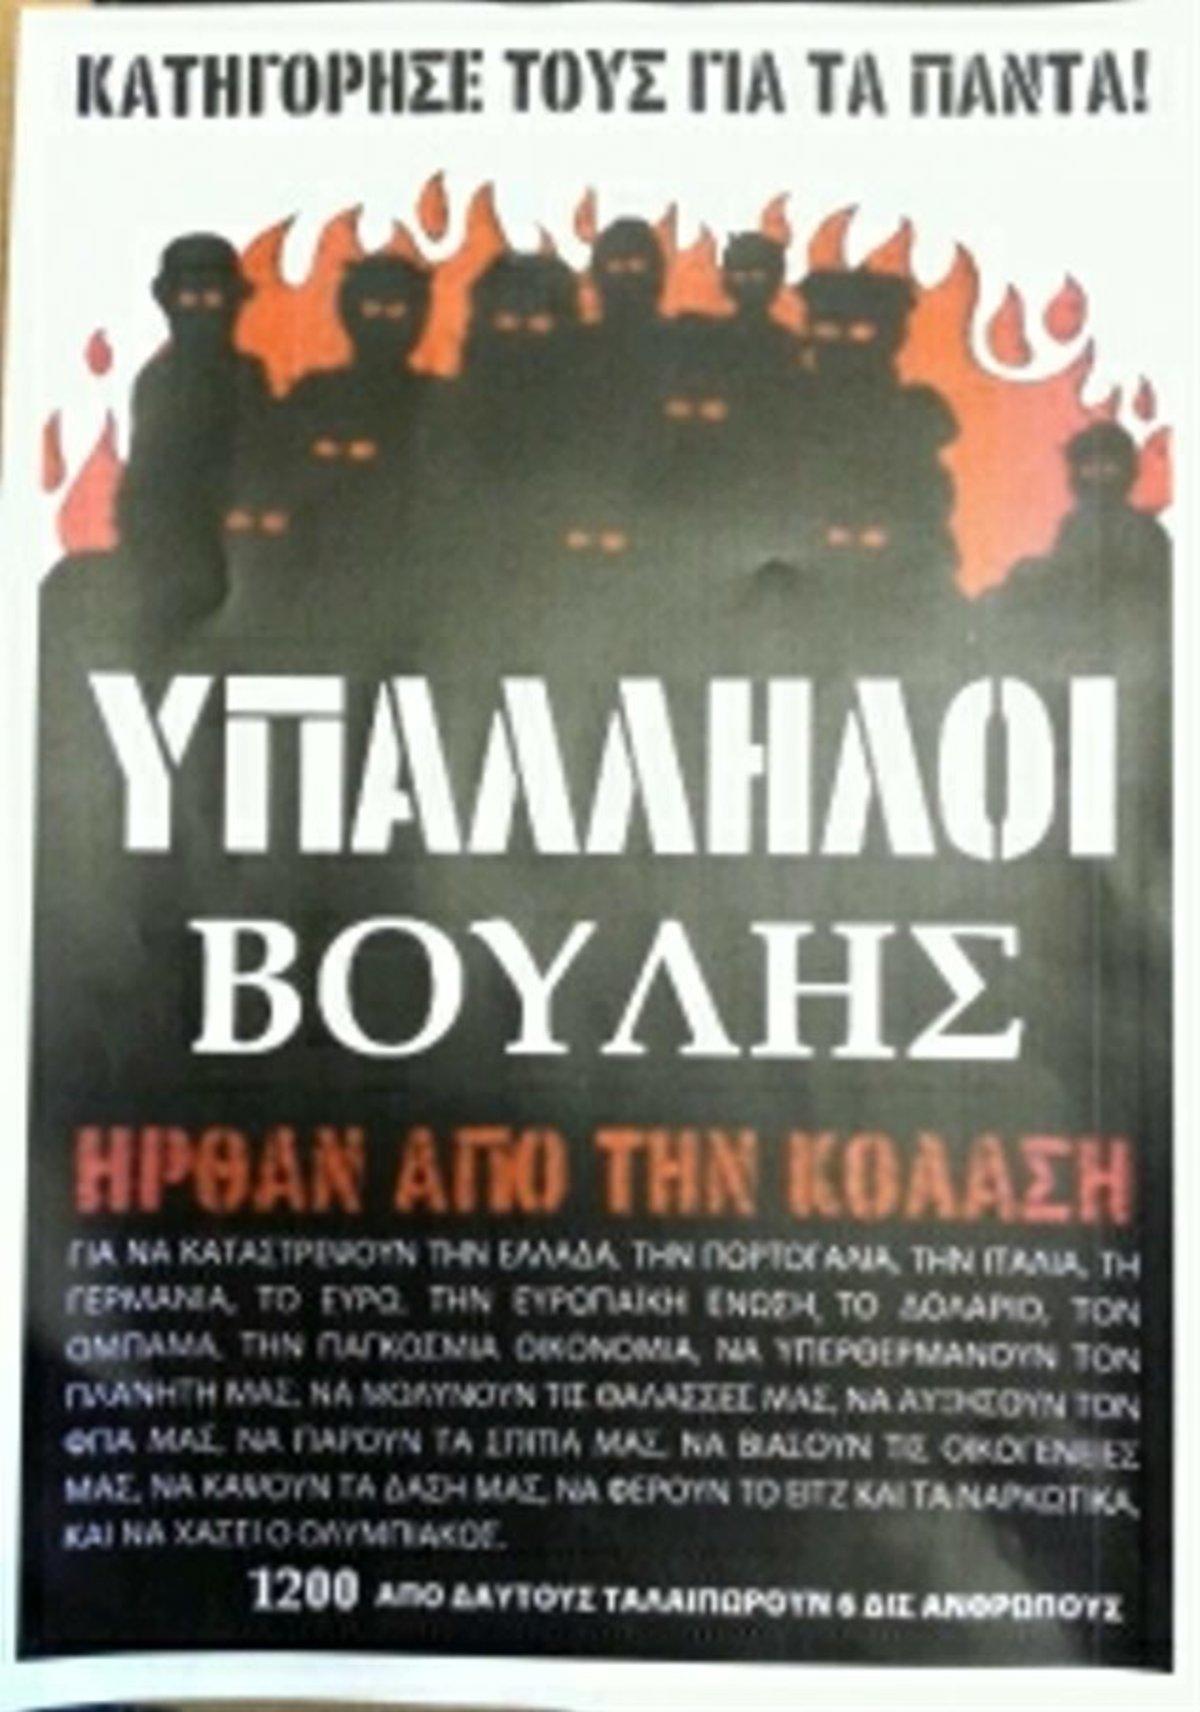 Οι υπάλληλοι της Βουλής έβγαλαν χιουμοριστική αφίσα – Ζητούν πίσω το διπλό εφάπαξ | Newsit.gr